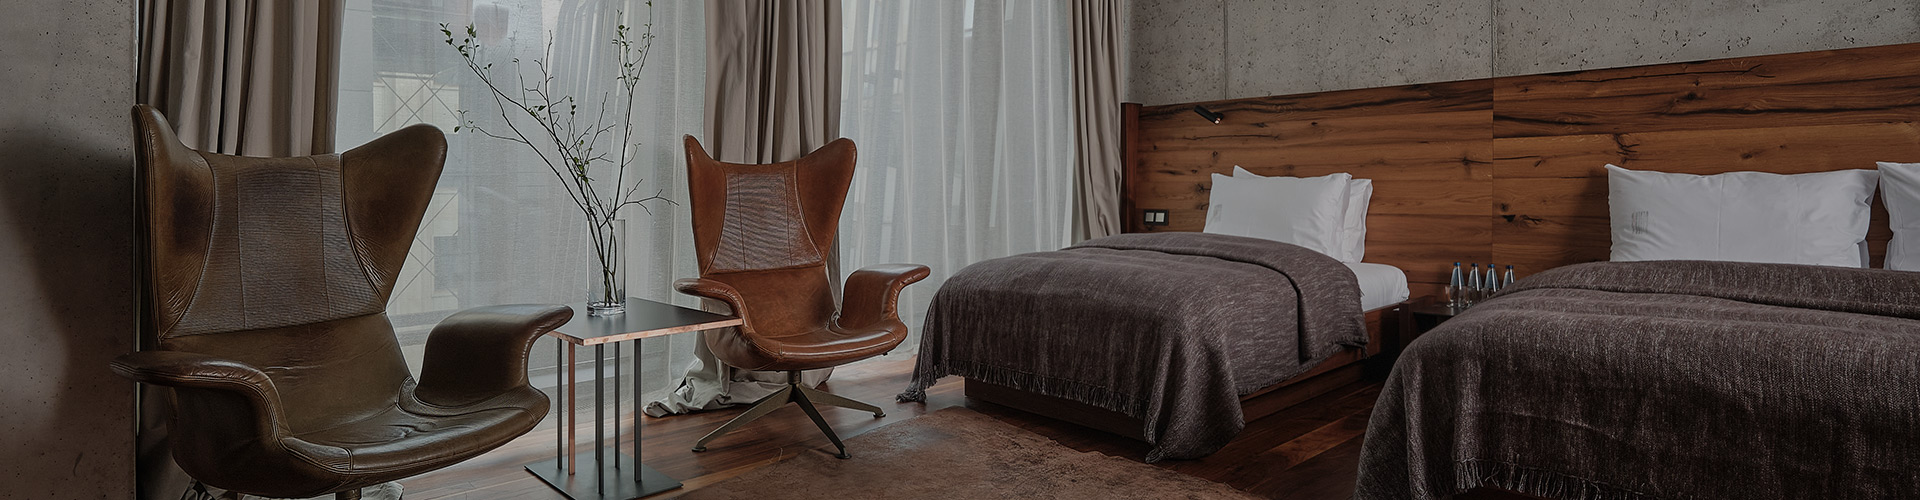 Hotel-warszawa-pieciogwiazkowy-hotel-w-centrum-warszawy-junior-suite-z-dwoma-lozkami